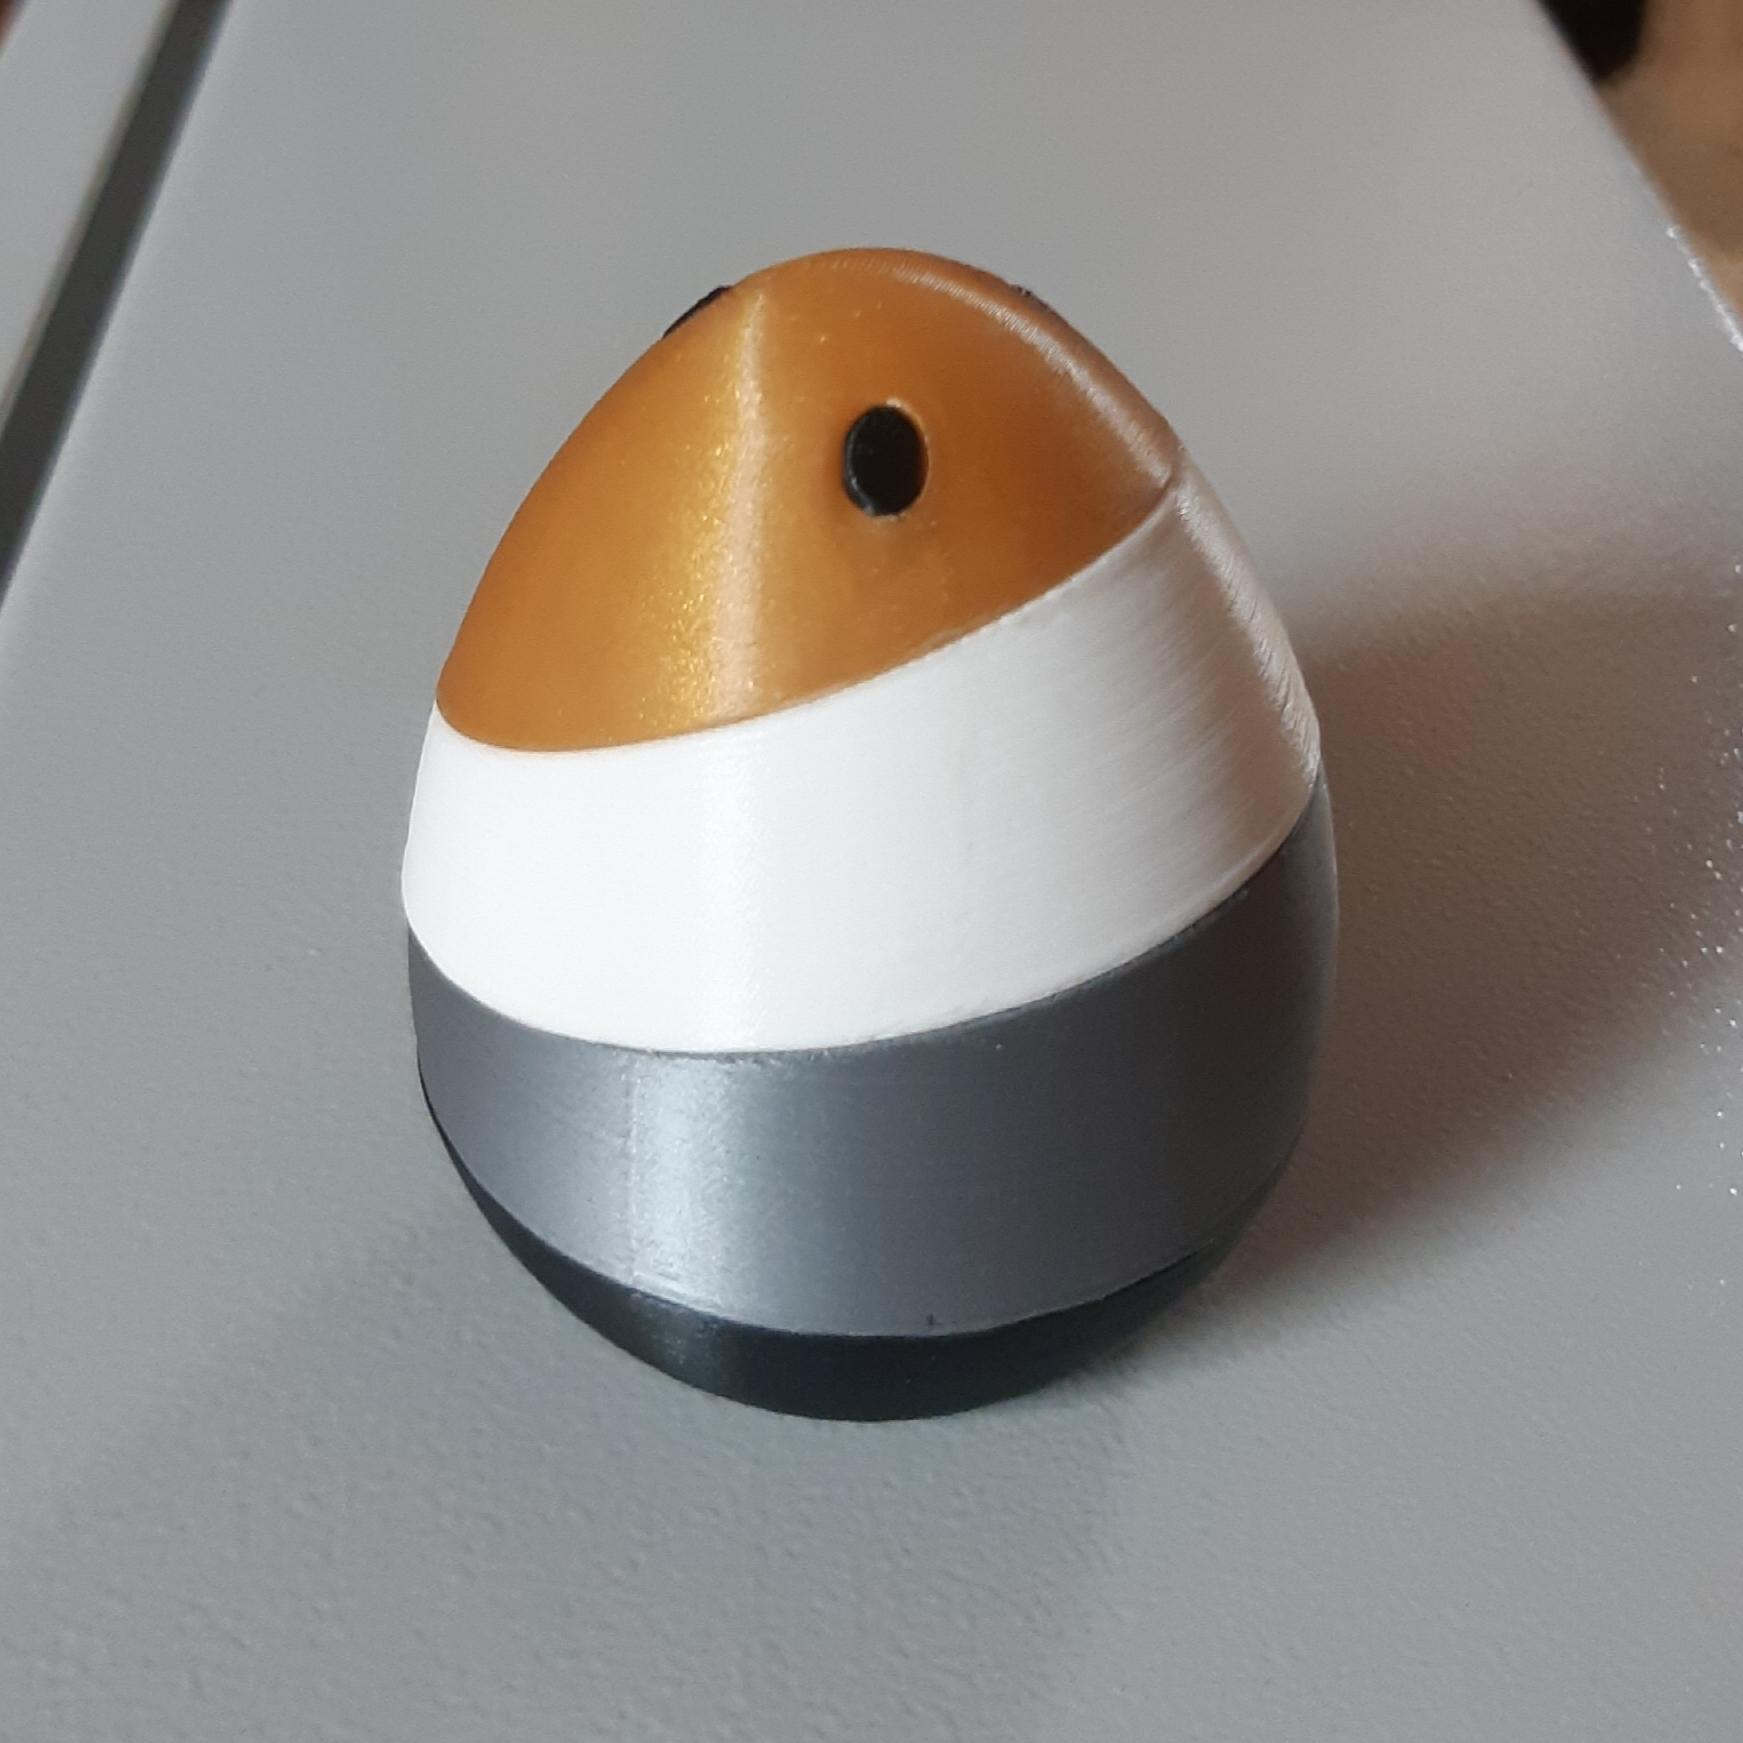 DesignEgg_1_iguigui.jpg Télécharger fichier STL gratuit Oeuf design • Plan pour imprimante 3D, iguigui